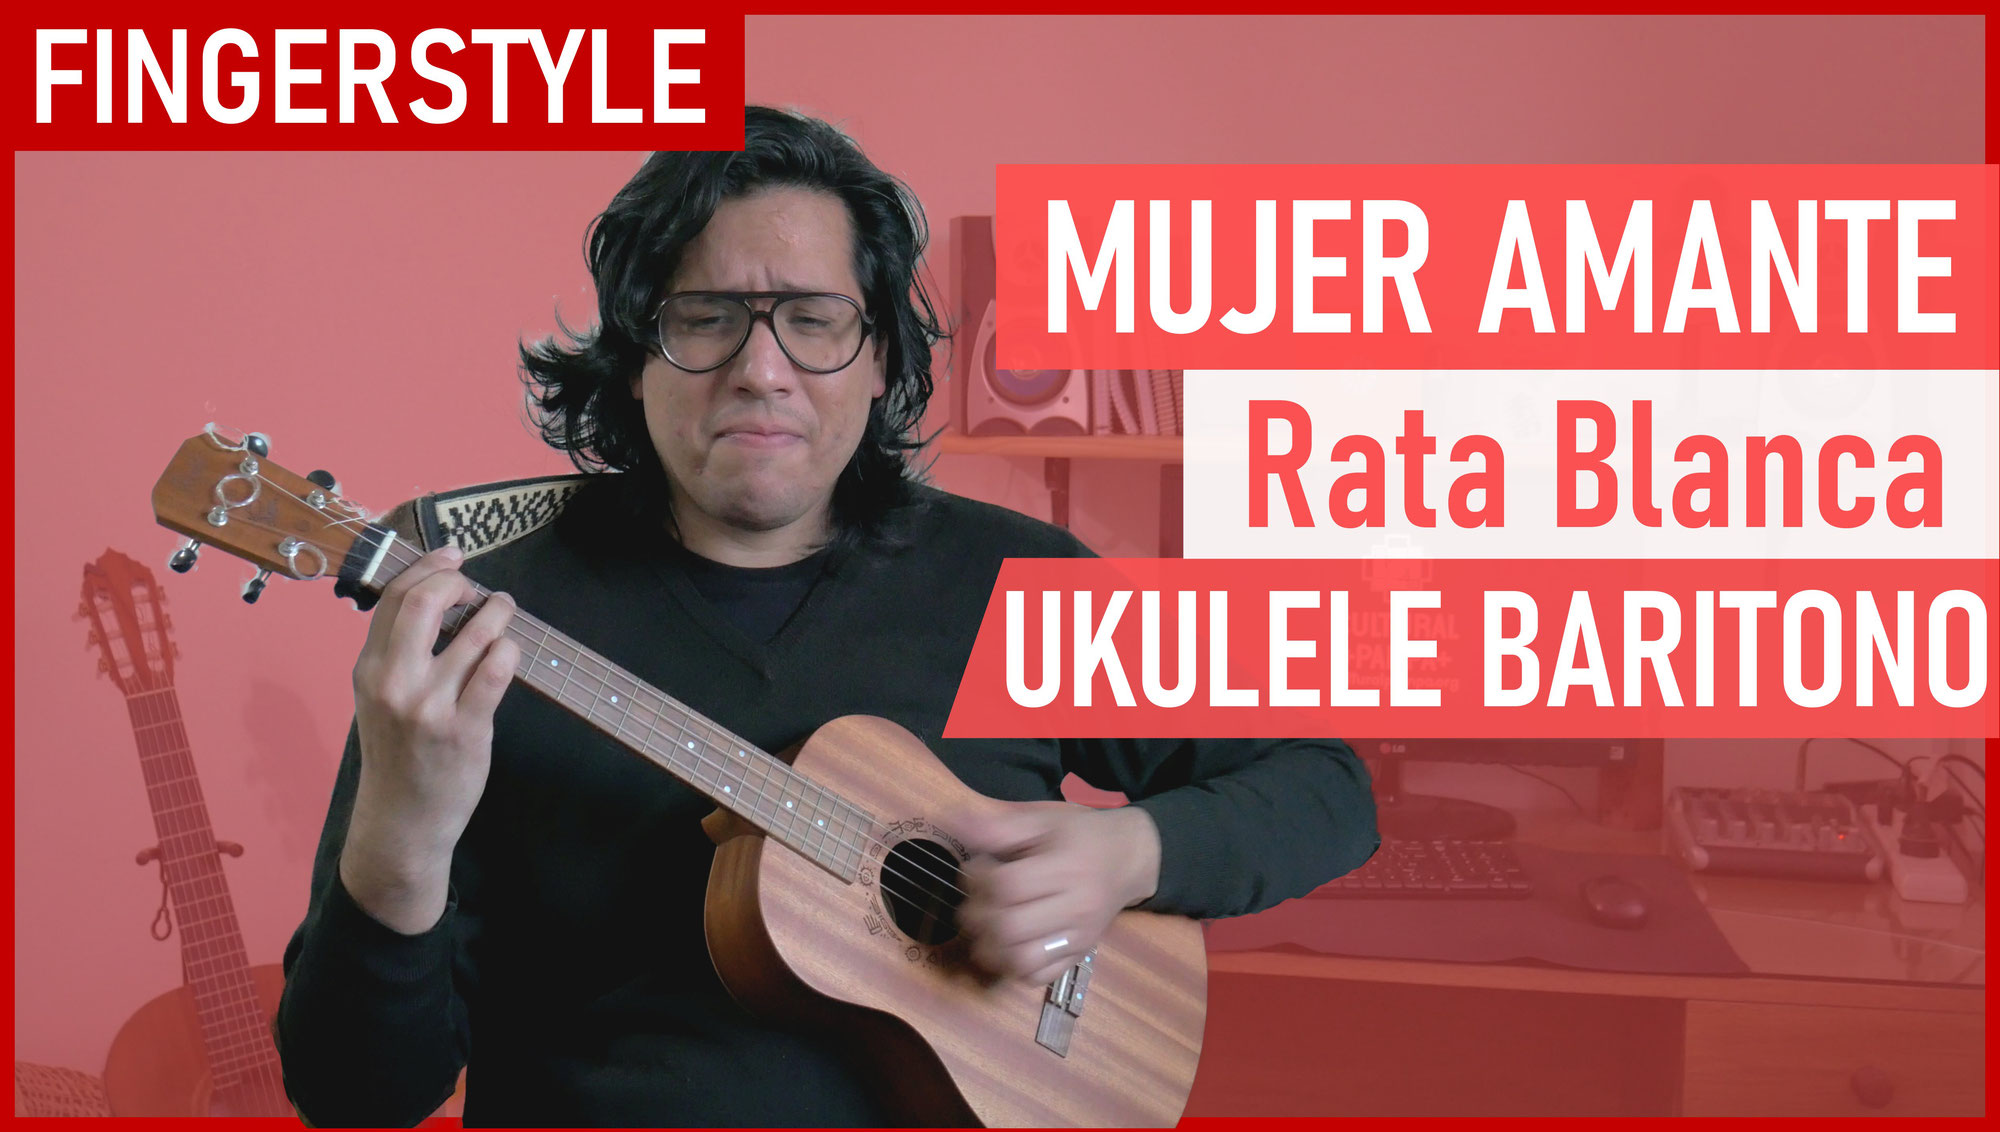 Mujer Amante (Rata Blanca) | Ukelele BARITONO Fingerstyle Cover